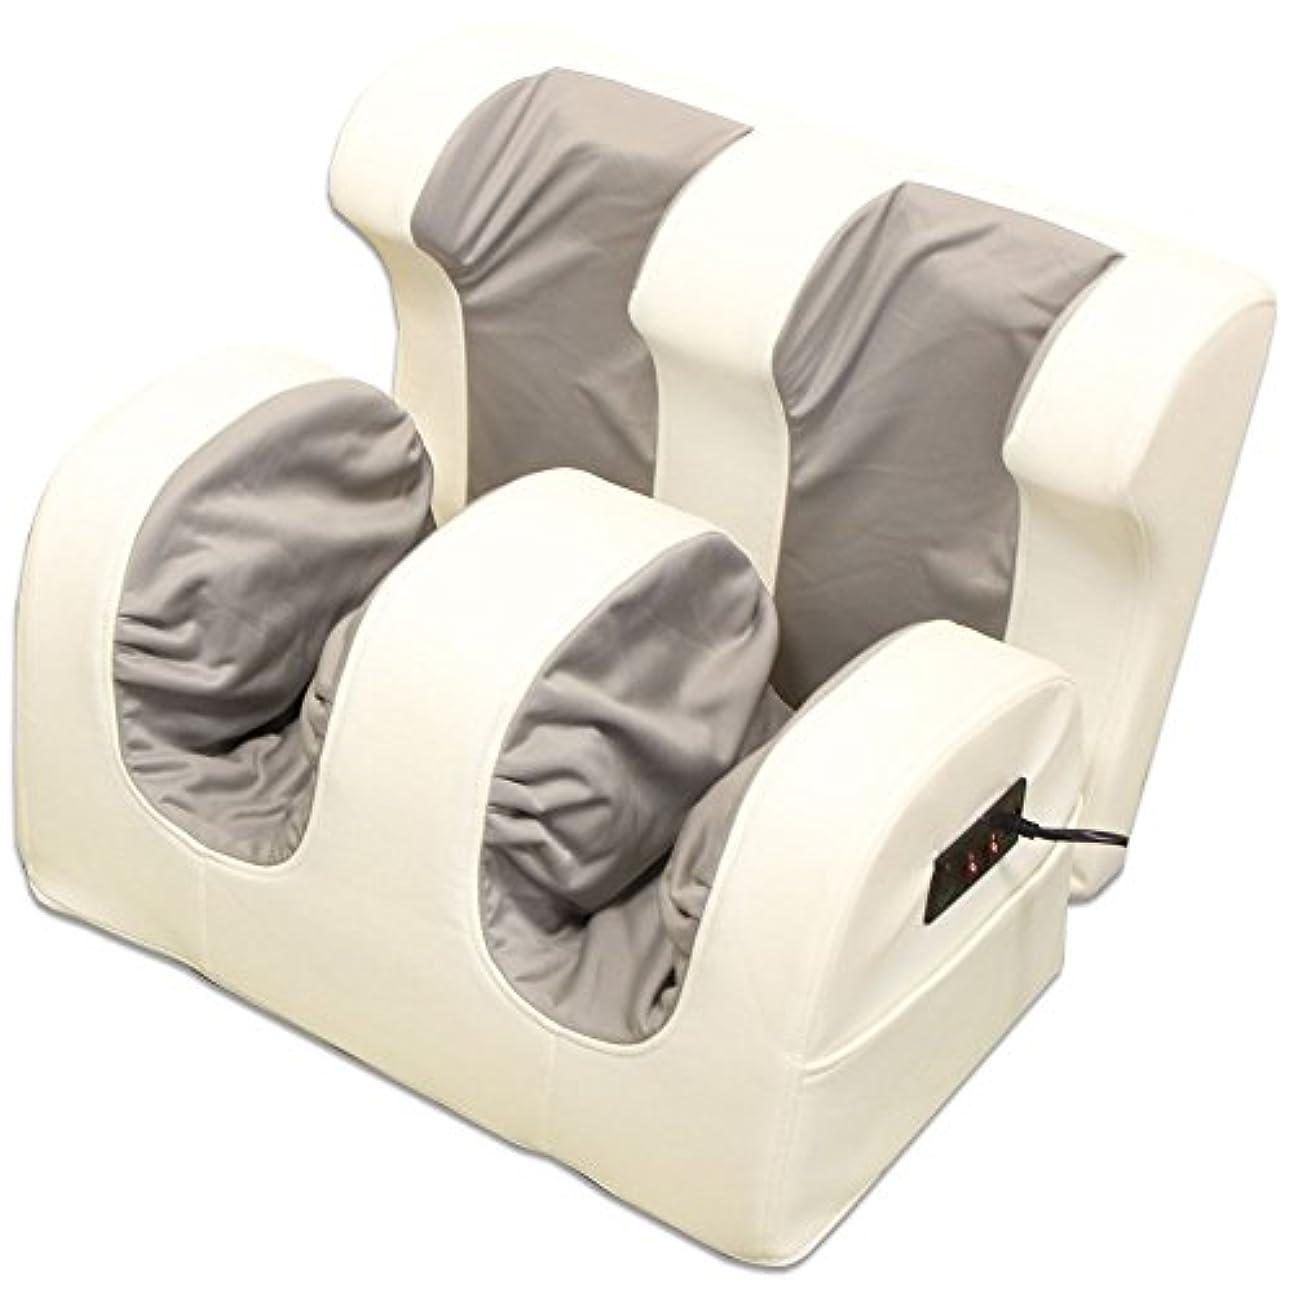 内向き特徴づける複雑でない足マッサージ器 ホワイト×グレー ヒーター付き 白 足裏 ふくらはぎ 引き締め 揉み上げ 家庭用 マッサージ機